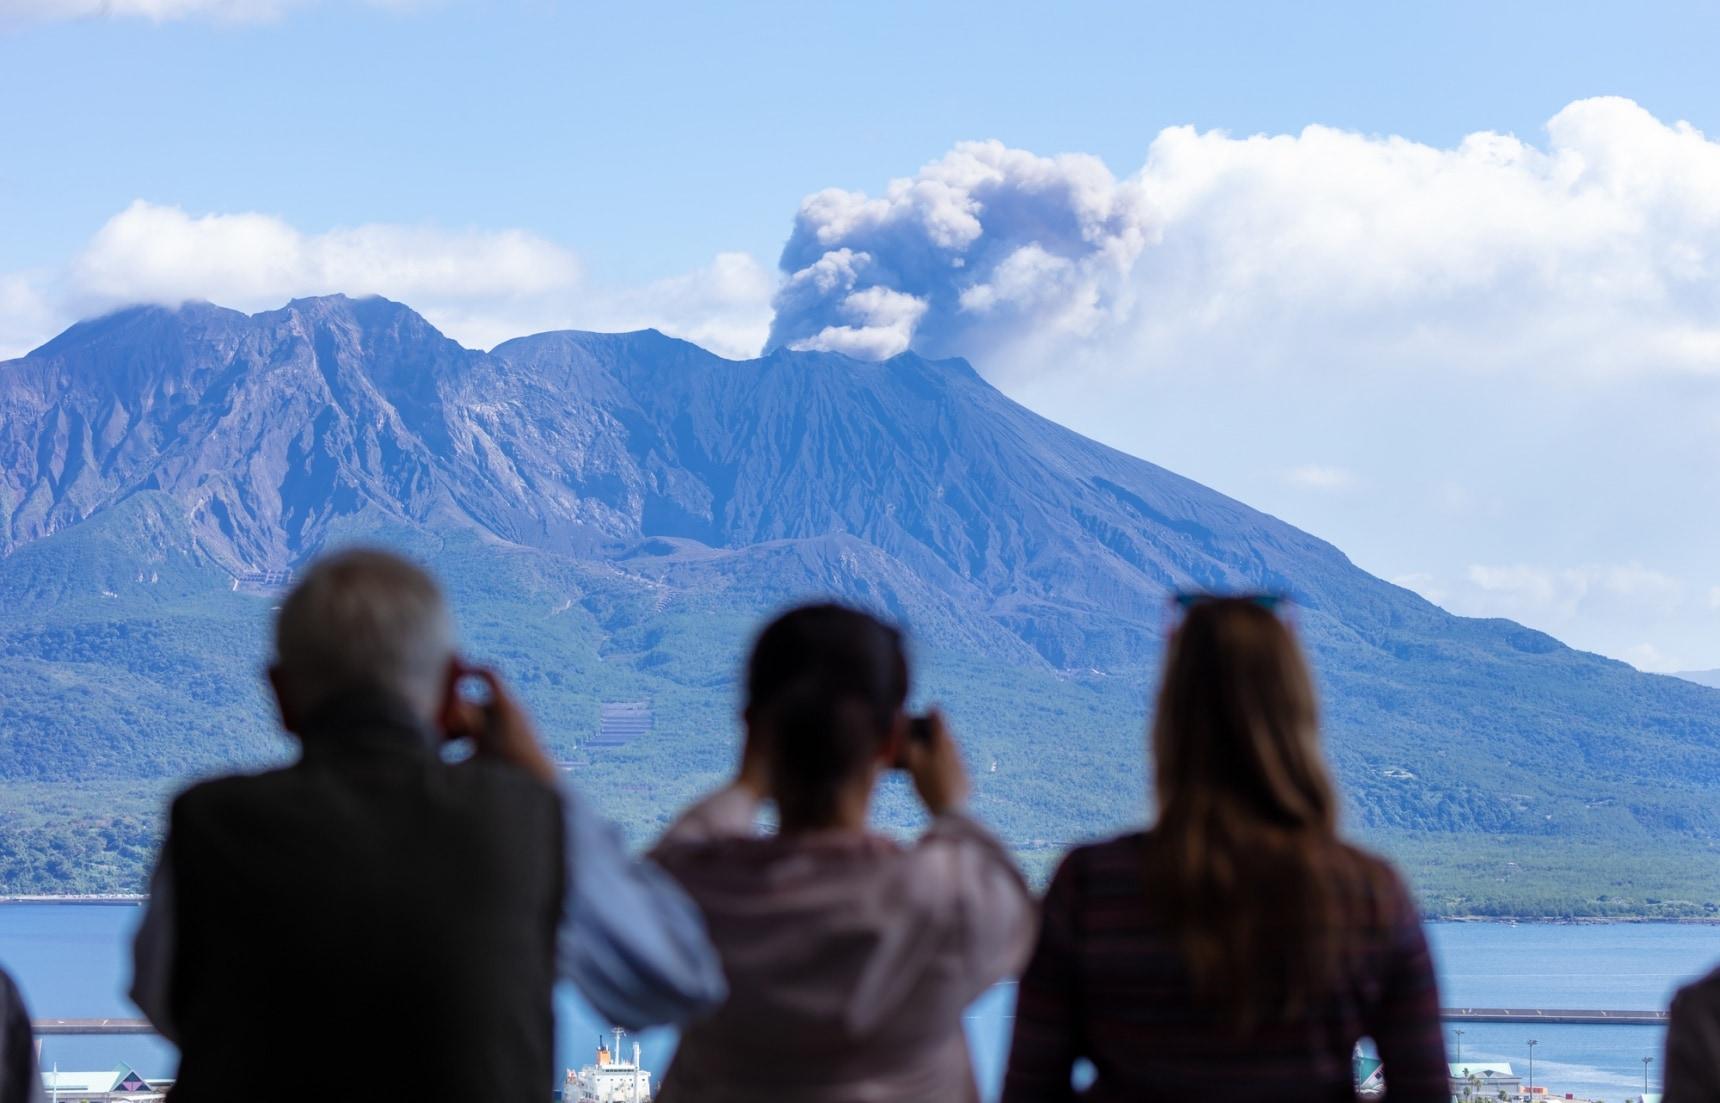 เที่ยวคาโกชิม่า เกาะภูเขาไฟของเจ้าหญิงอัตสึ